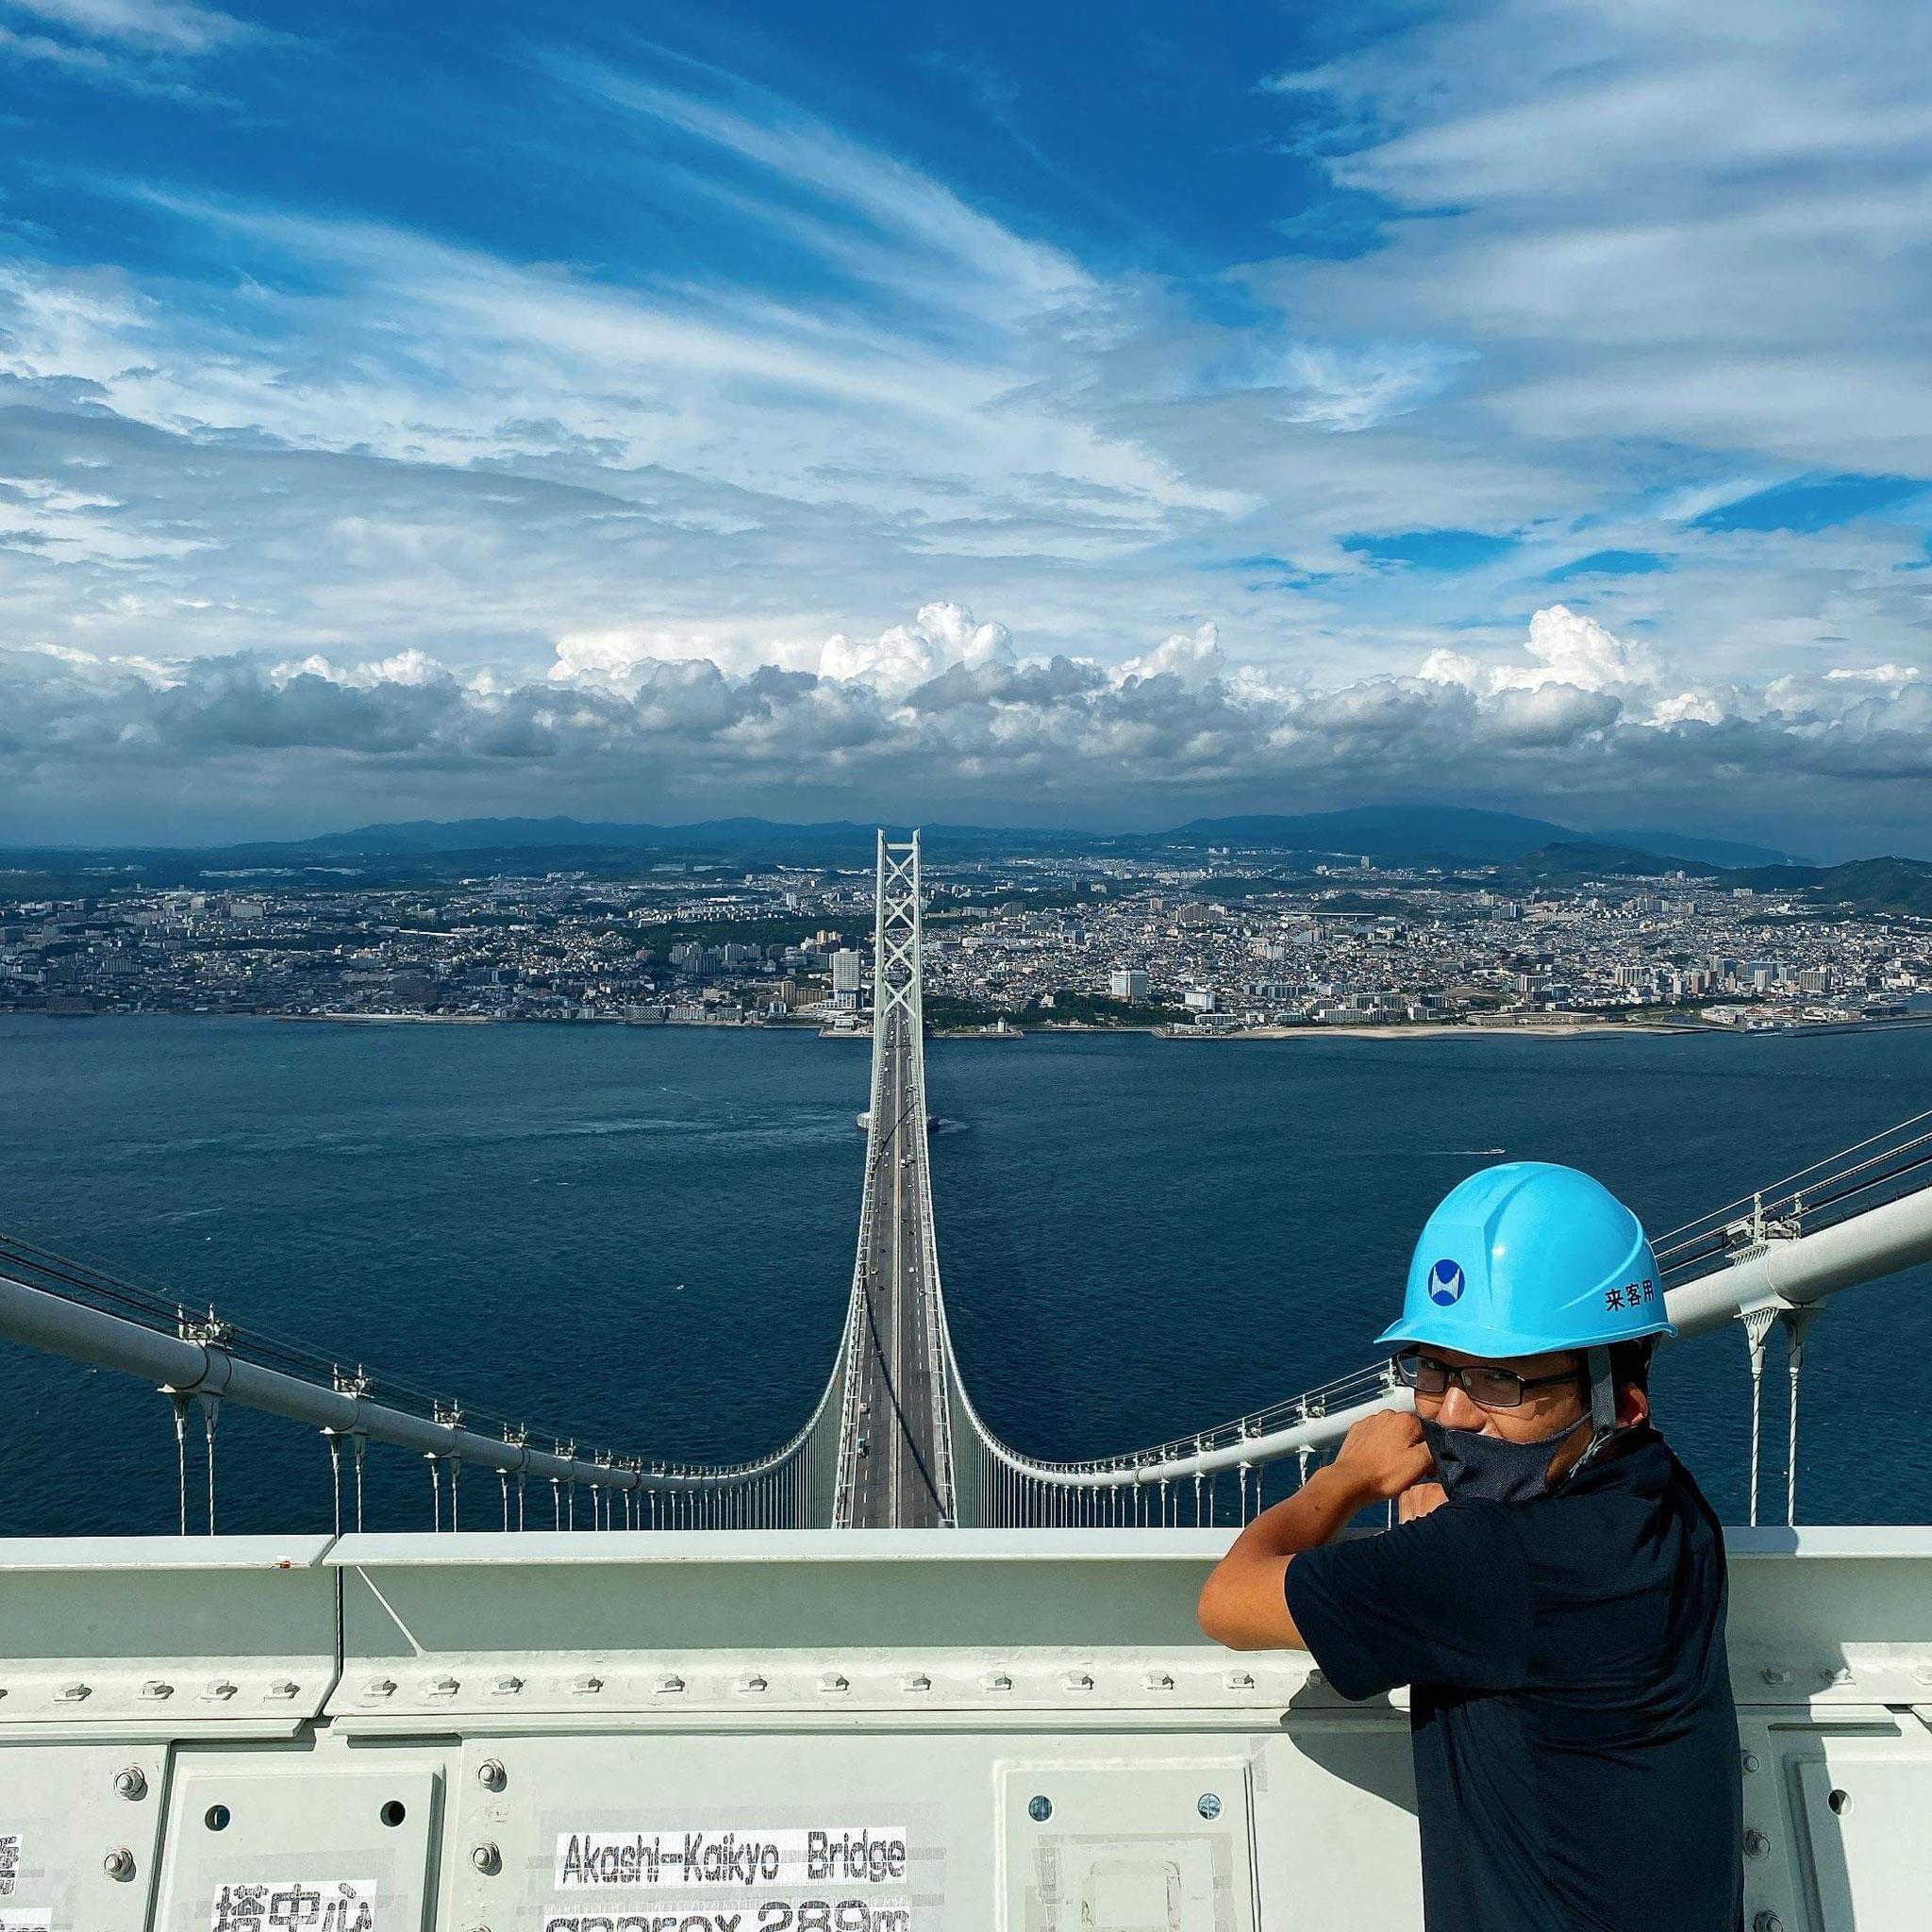 明石海峡大橋塔頂見学してきました!!気持ち良い〜!!!